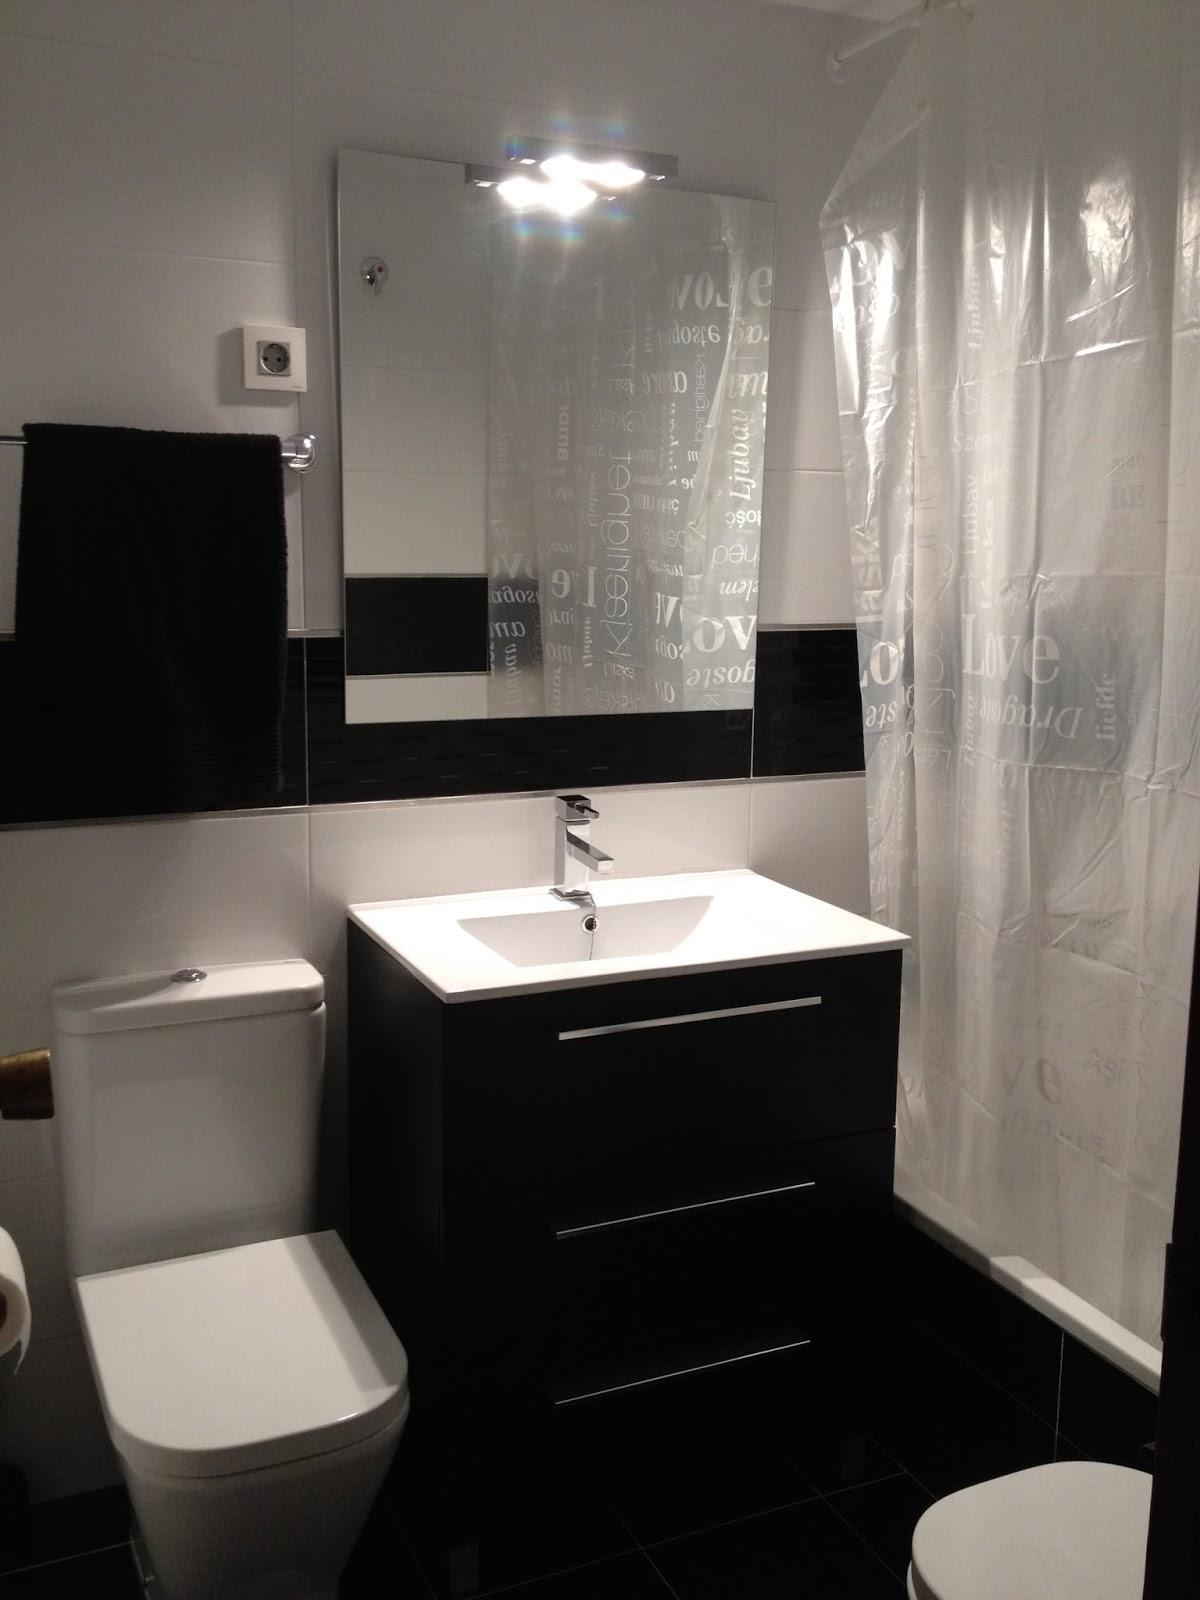 Ba o negro y blanco vero4casa for Pisos y paredes para banos modernos